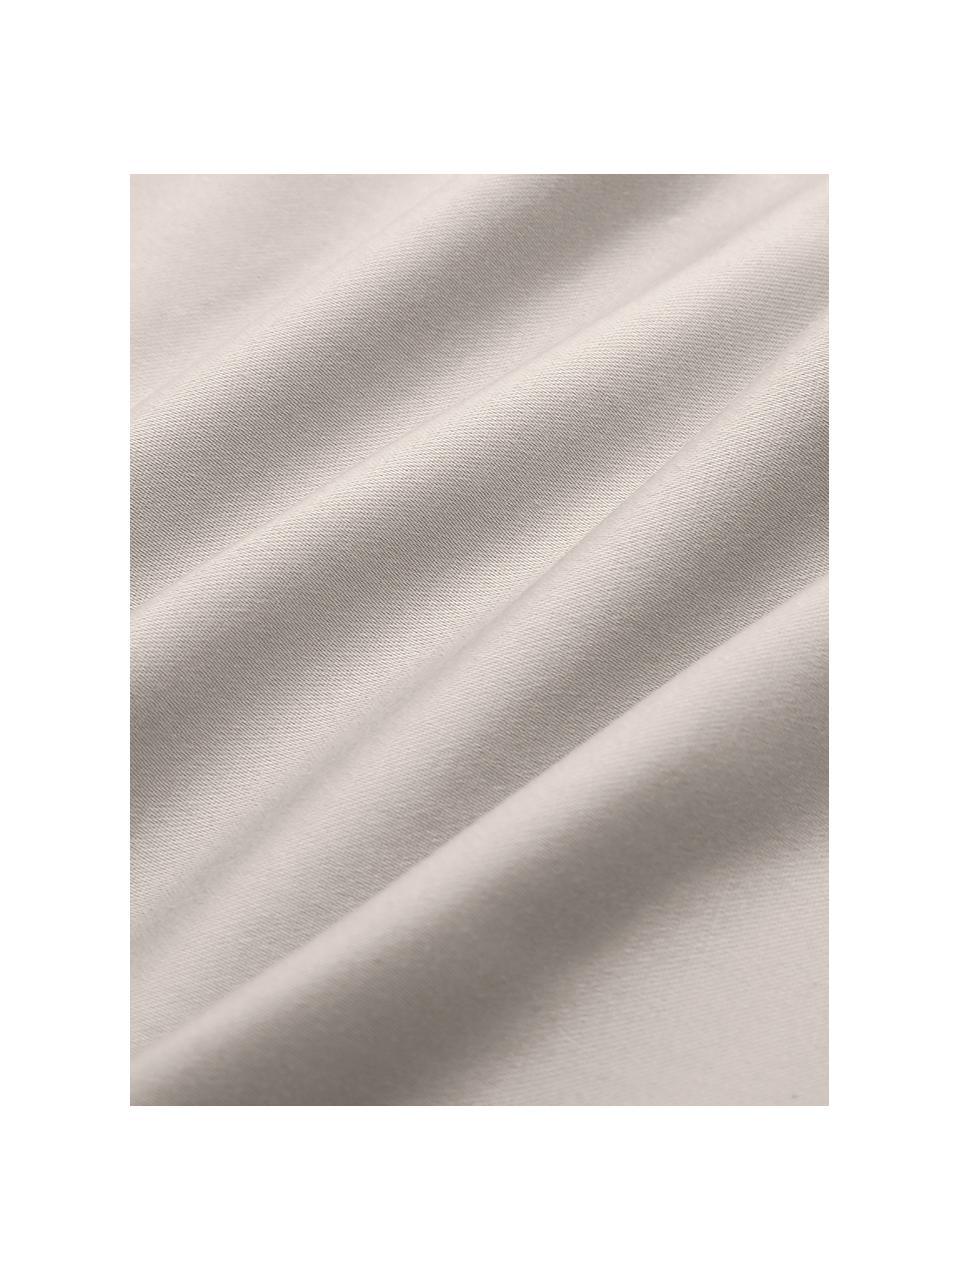 Spannbettlaken Premium aus Bio-Baumwolle in Taupe, Satin, Webart: Satin Fadendichte 400 TC,, Taupe, 180 x 200 cm